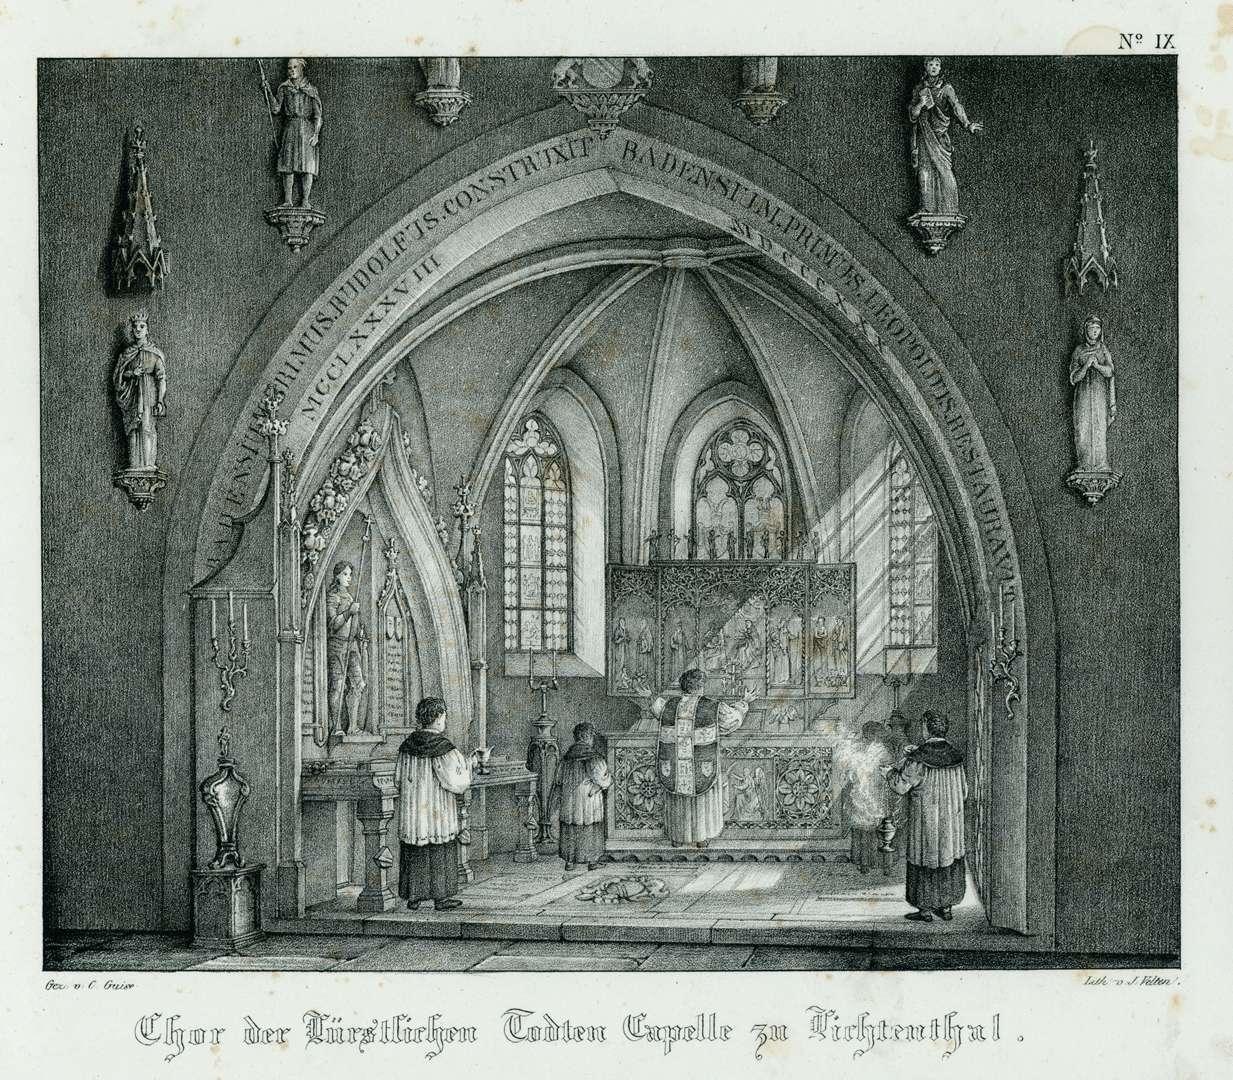 Chor der Fürstlichen Todten Capelle zu Lichtenthal, Bild 1